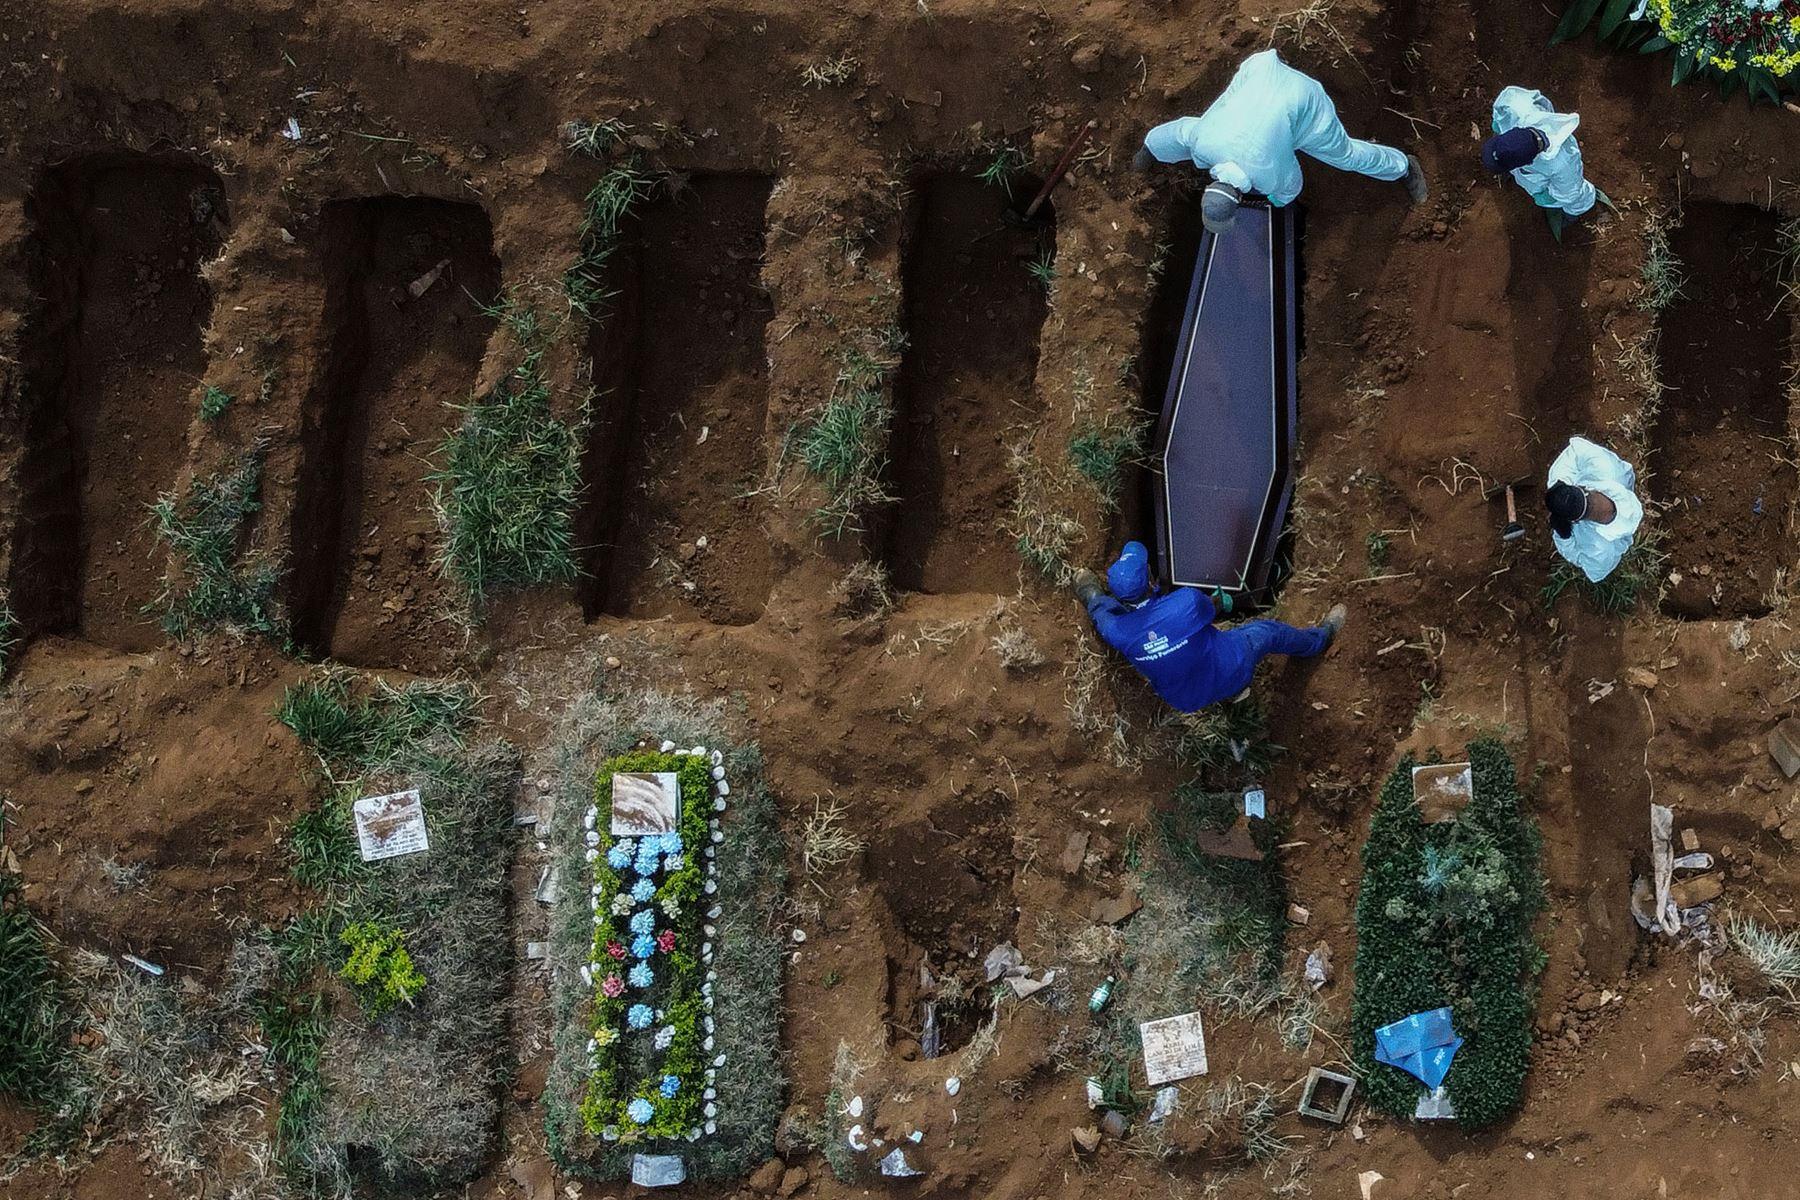 Imagen aérea que muestra sepultureros enterrando a una presunta víctima de COVID-19 en el cementerio de Vila Formosa, en las afueras de Sao Paulo, Brasil. Foto: AFP